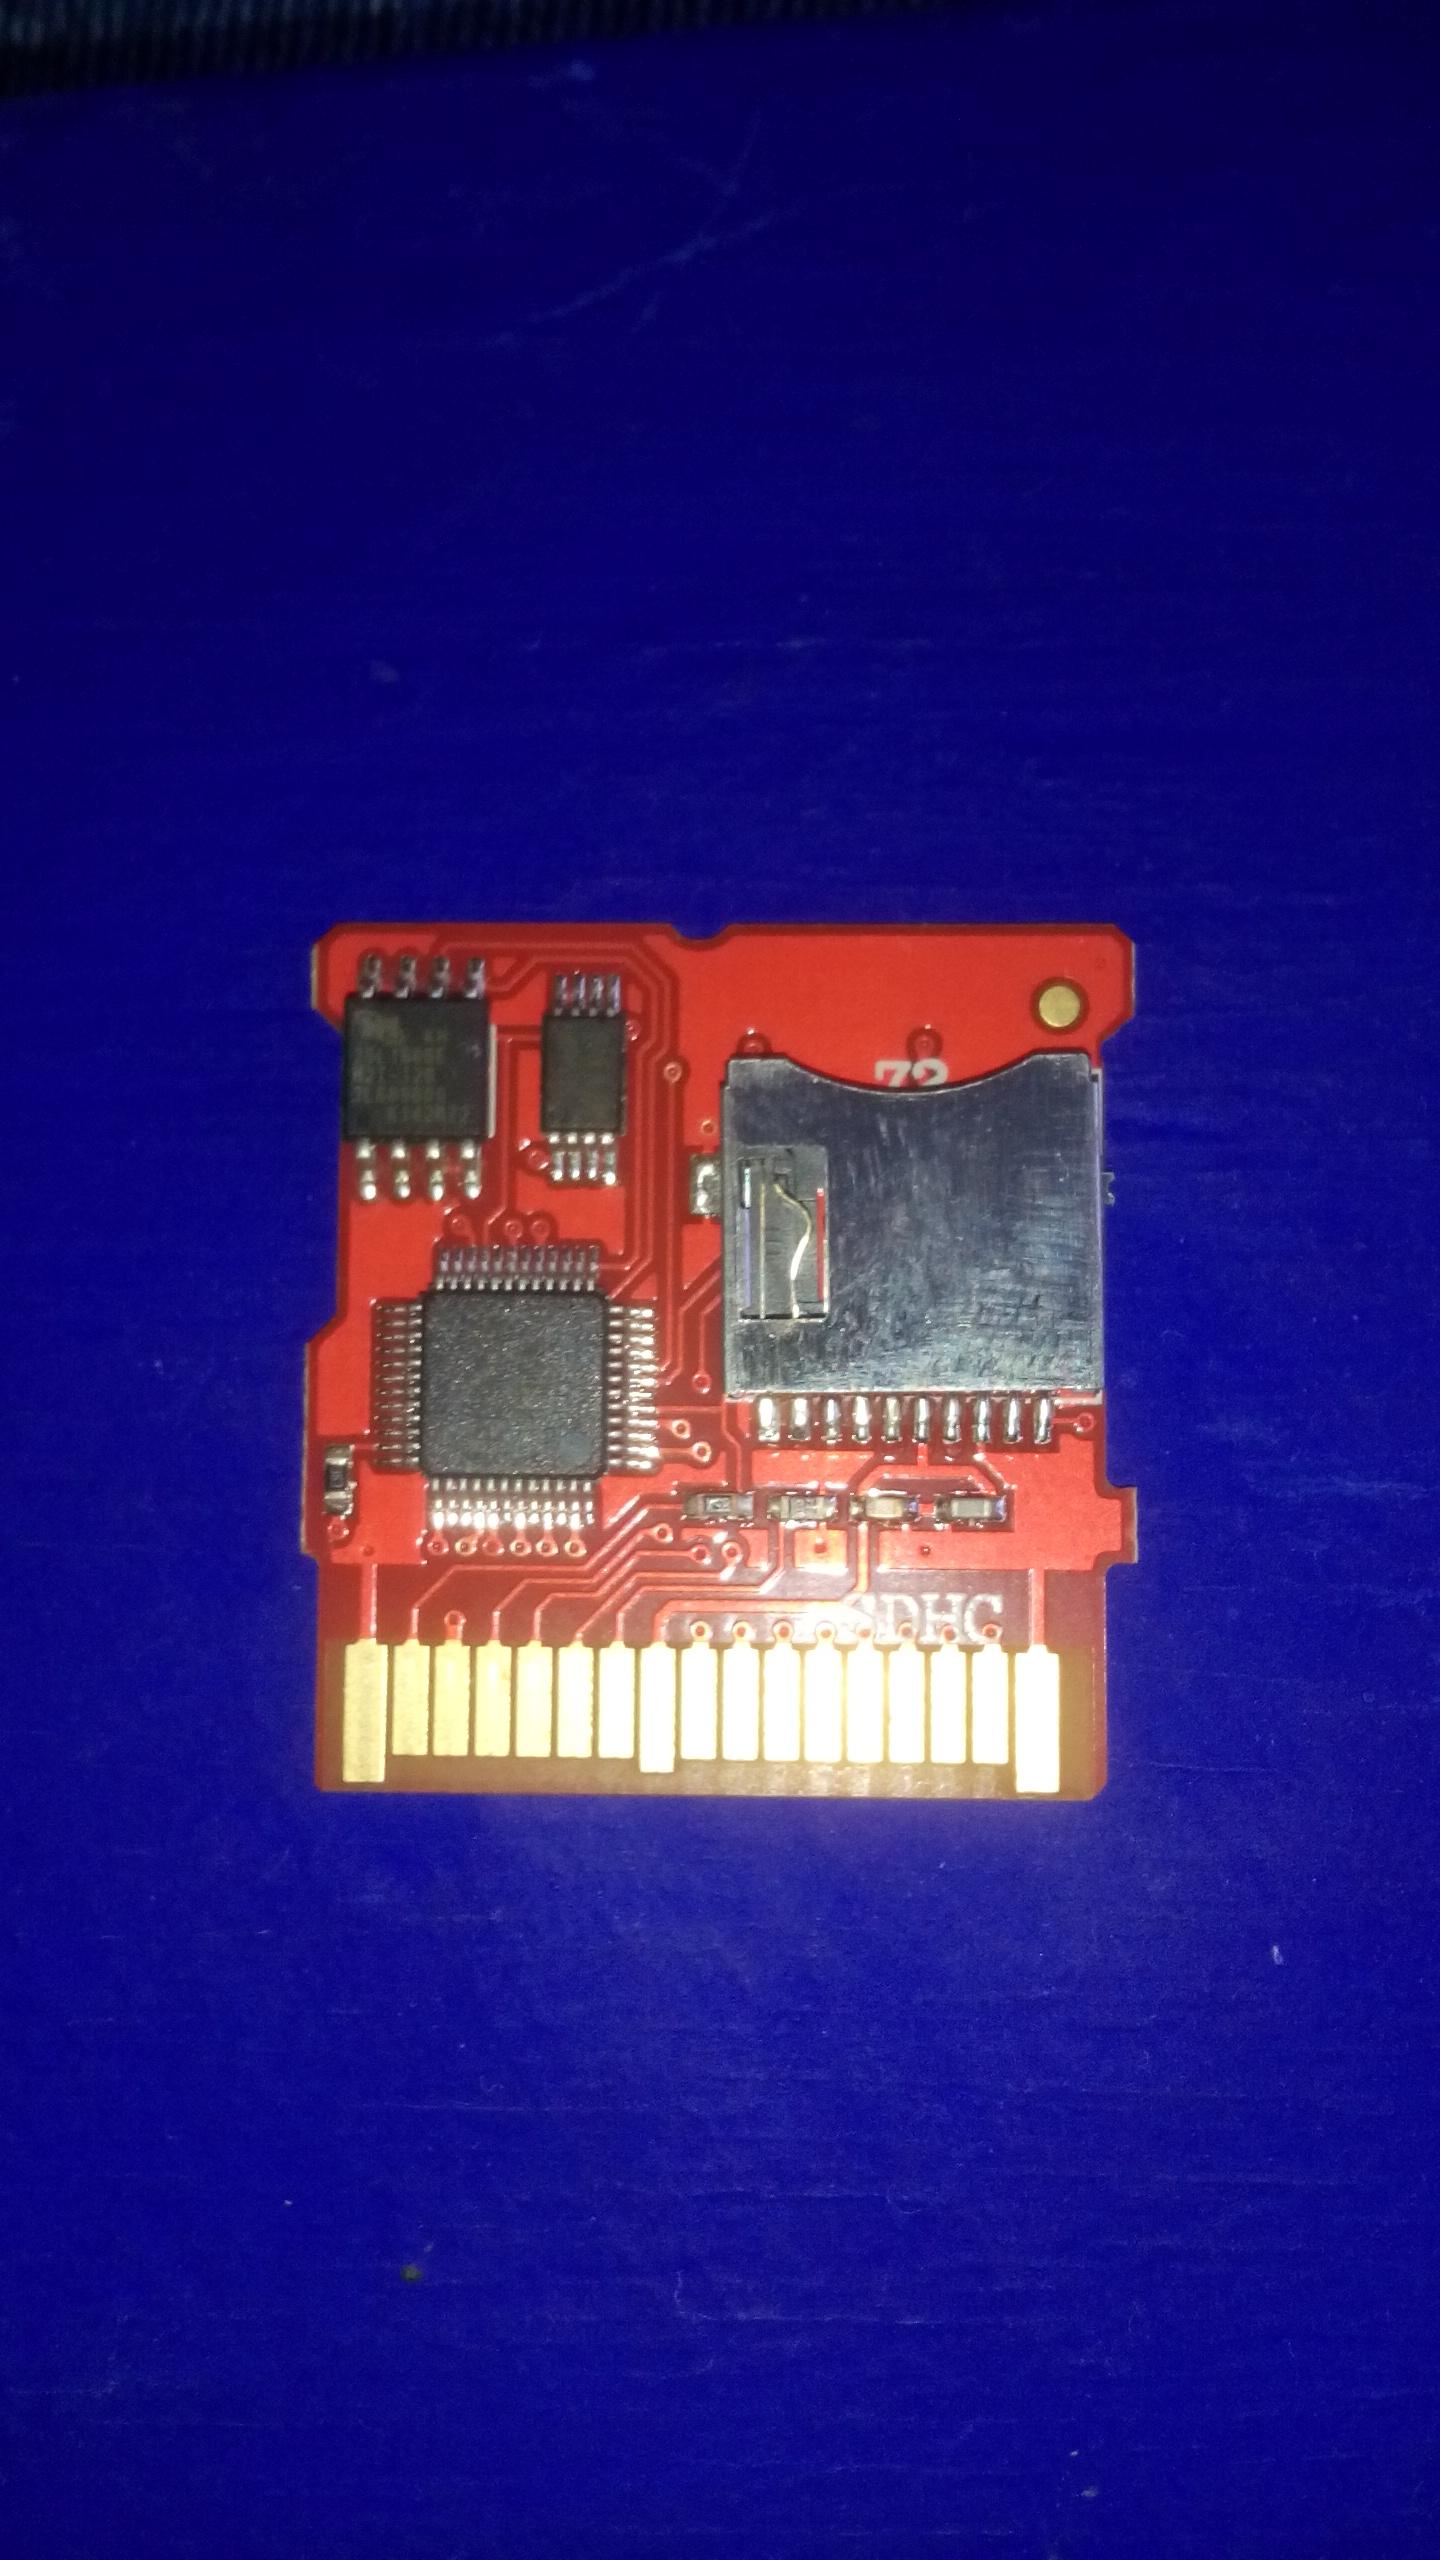 R4 SDHC Dual Core (www r4isdhc in) · Issue #129 · ntrteam